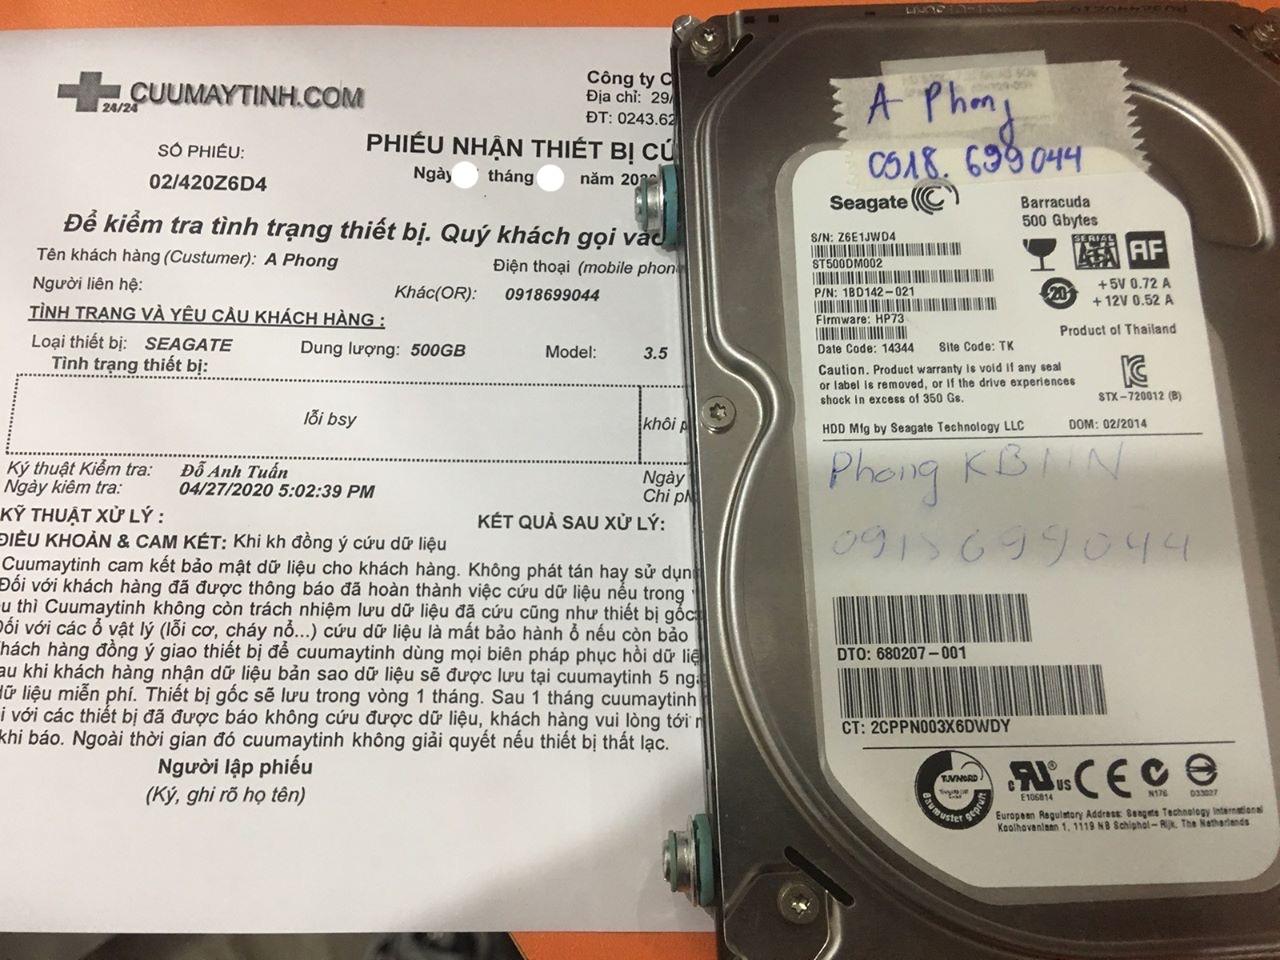 Khôi phục dữ liệu ổ cứng Seagate 500GB lỗi đầu đọc 06/05/2020 - cuumaytinh